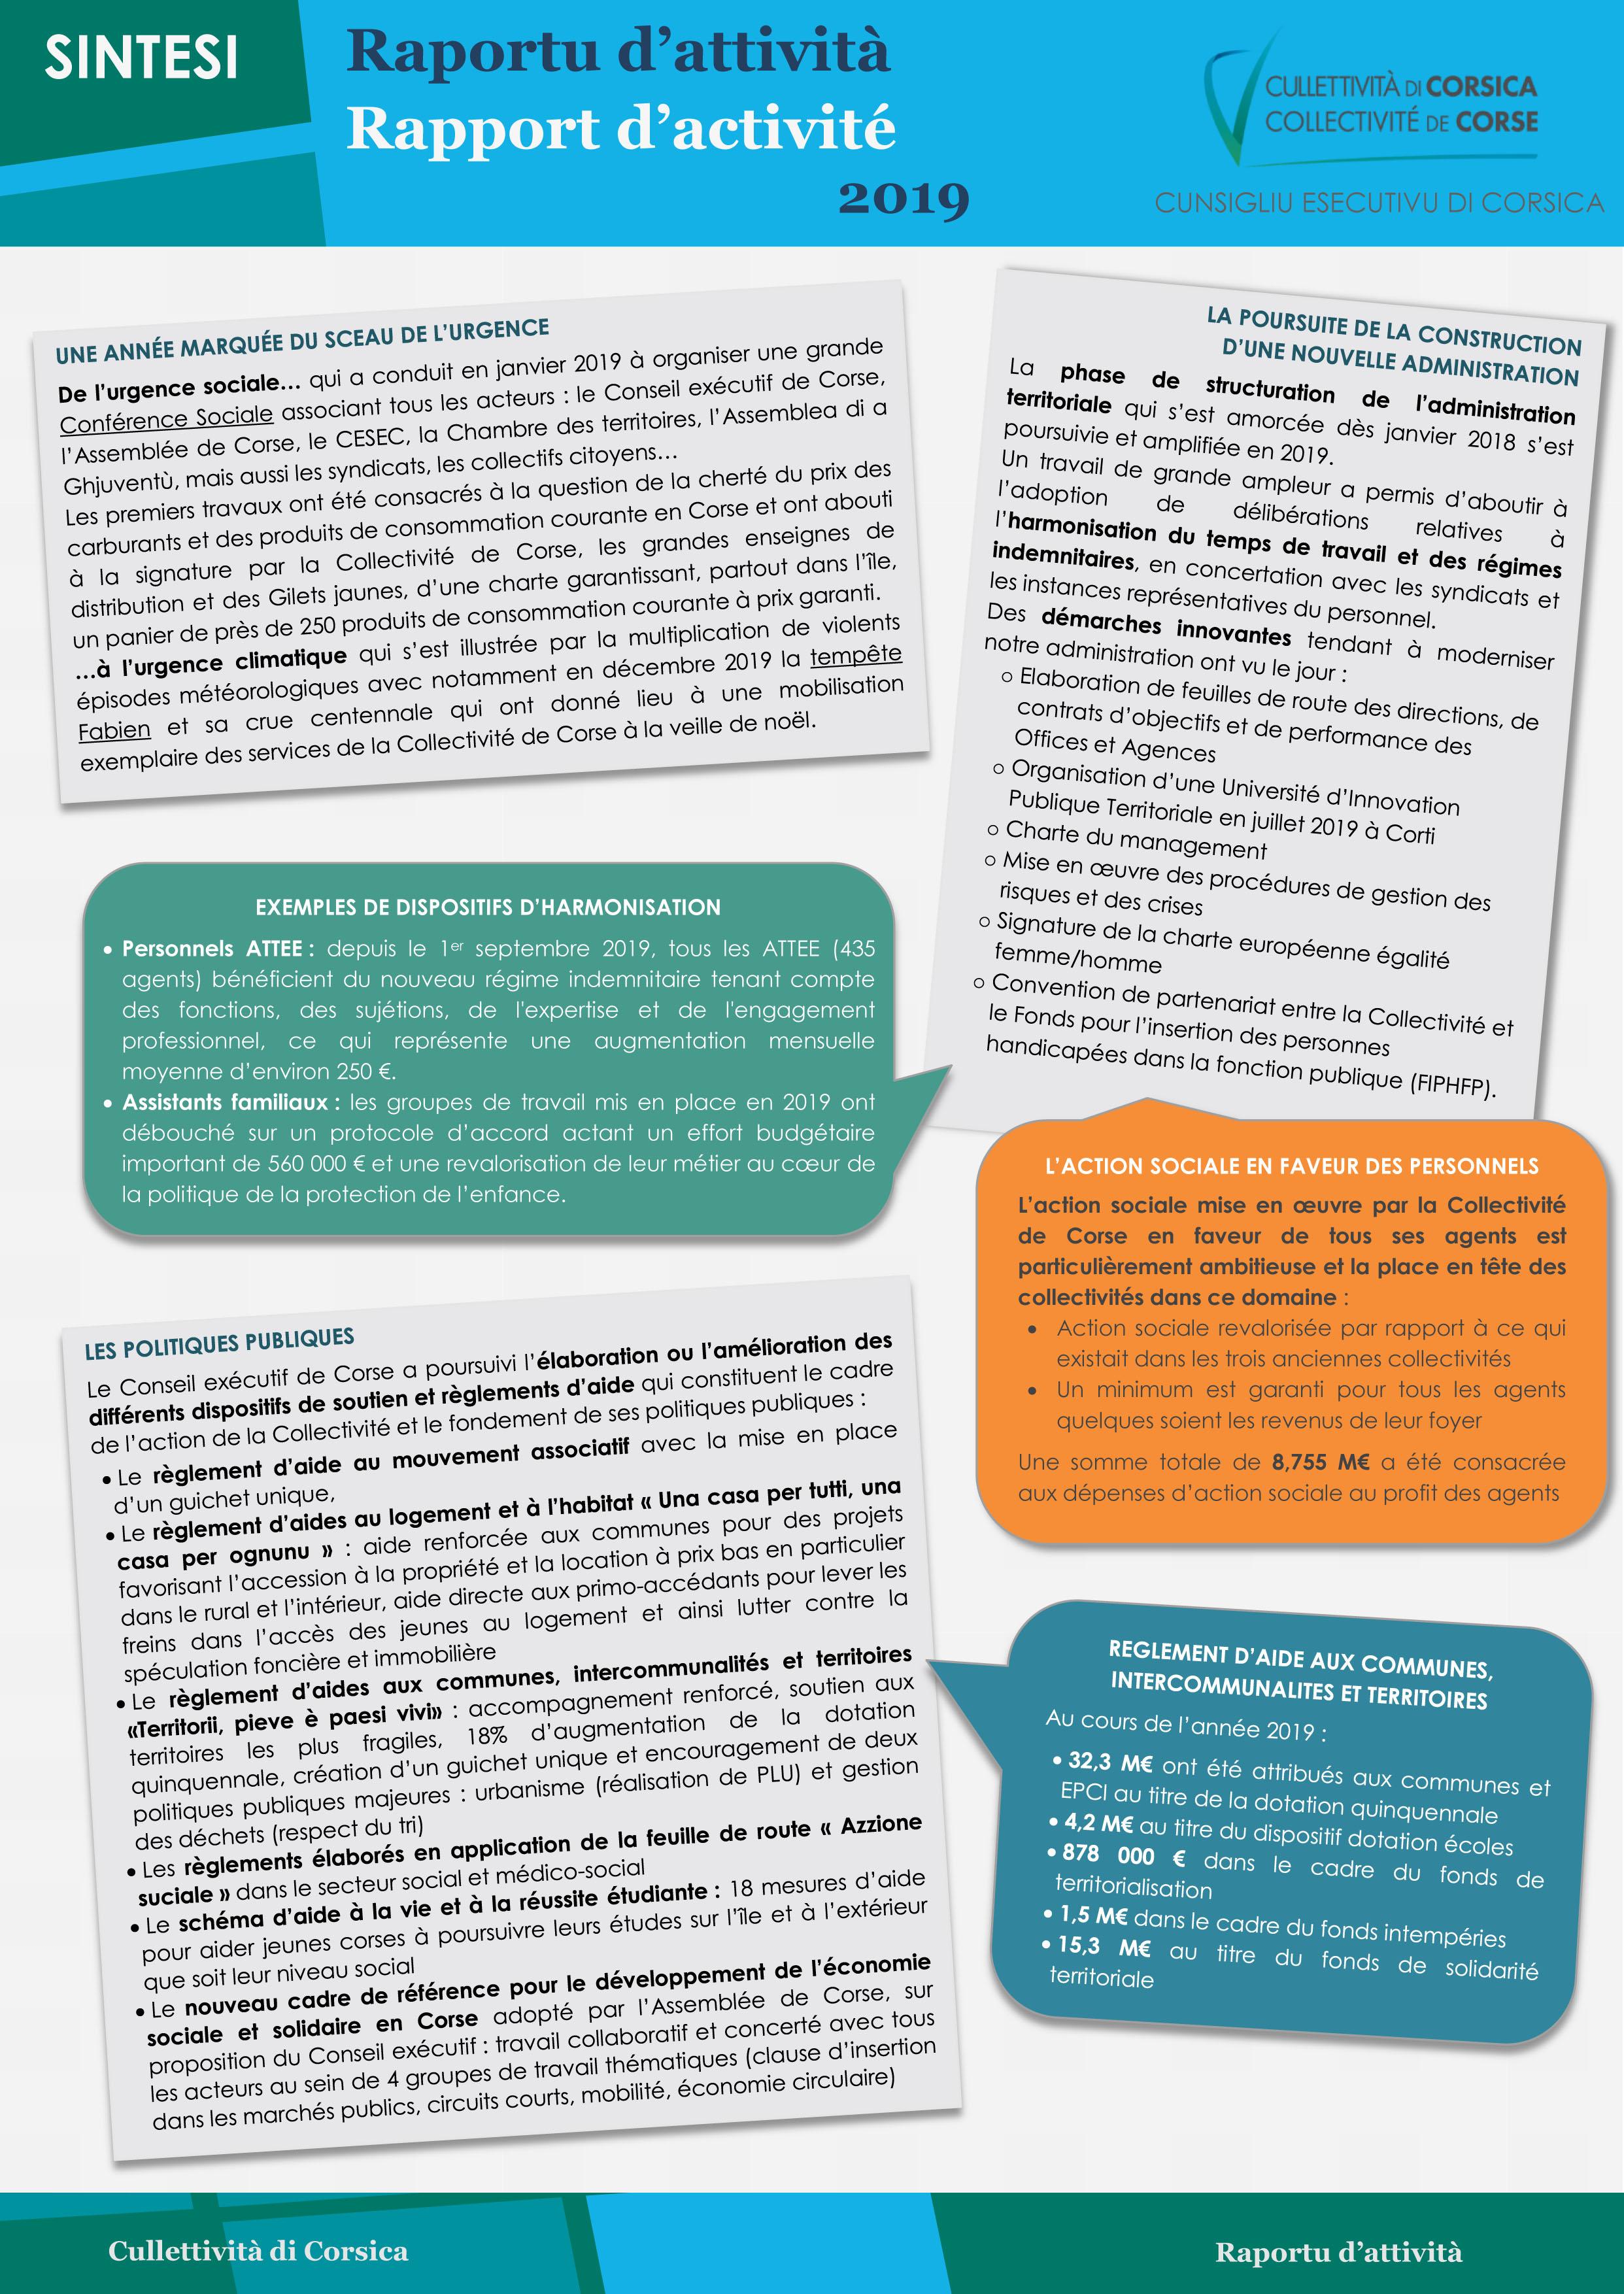 Raportu d'attività 2019 di a Cullettività di Corsica